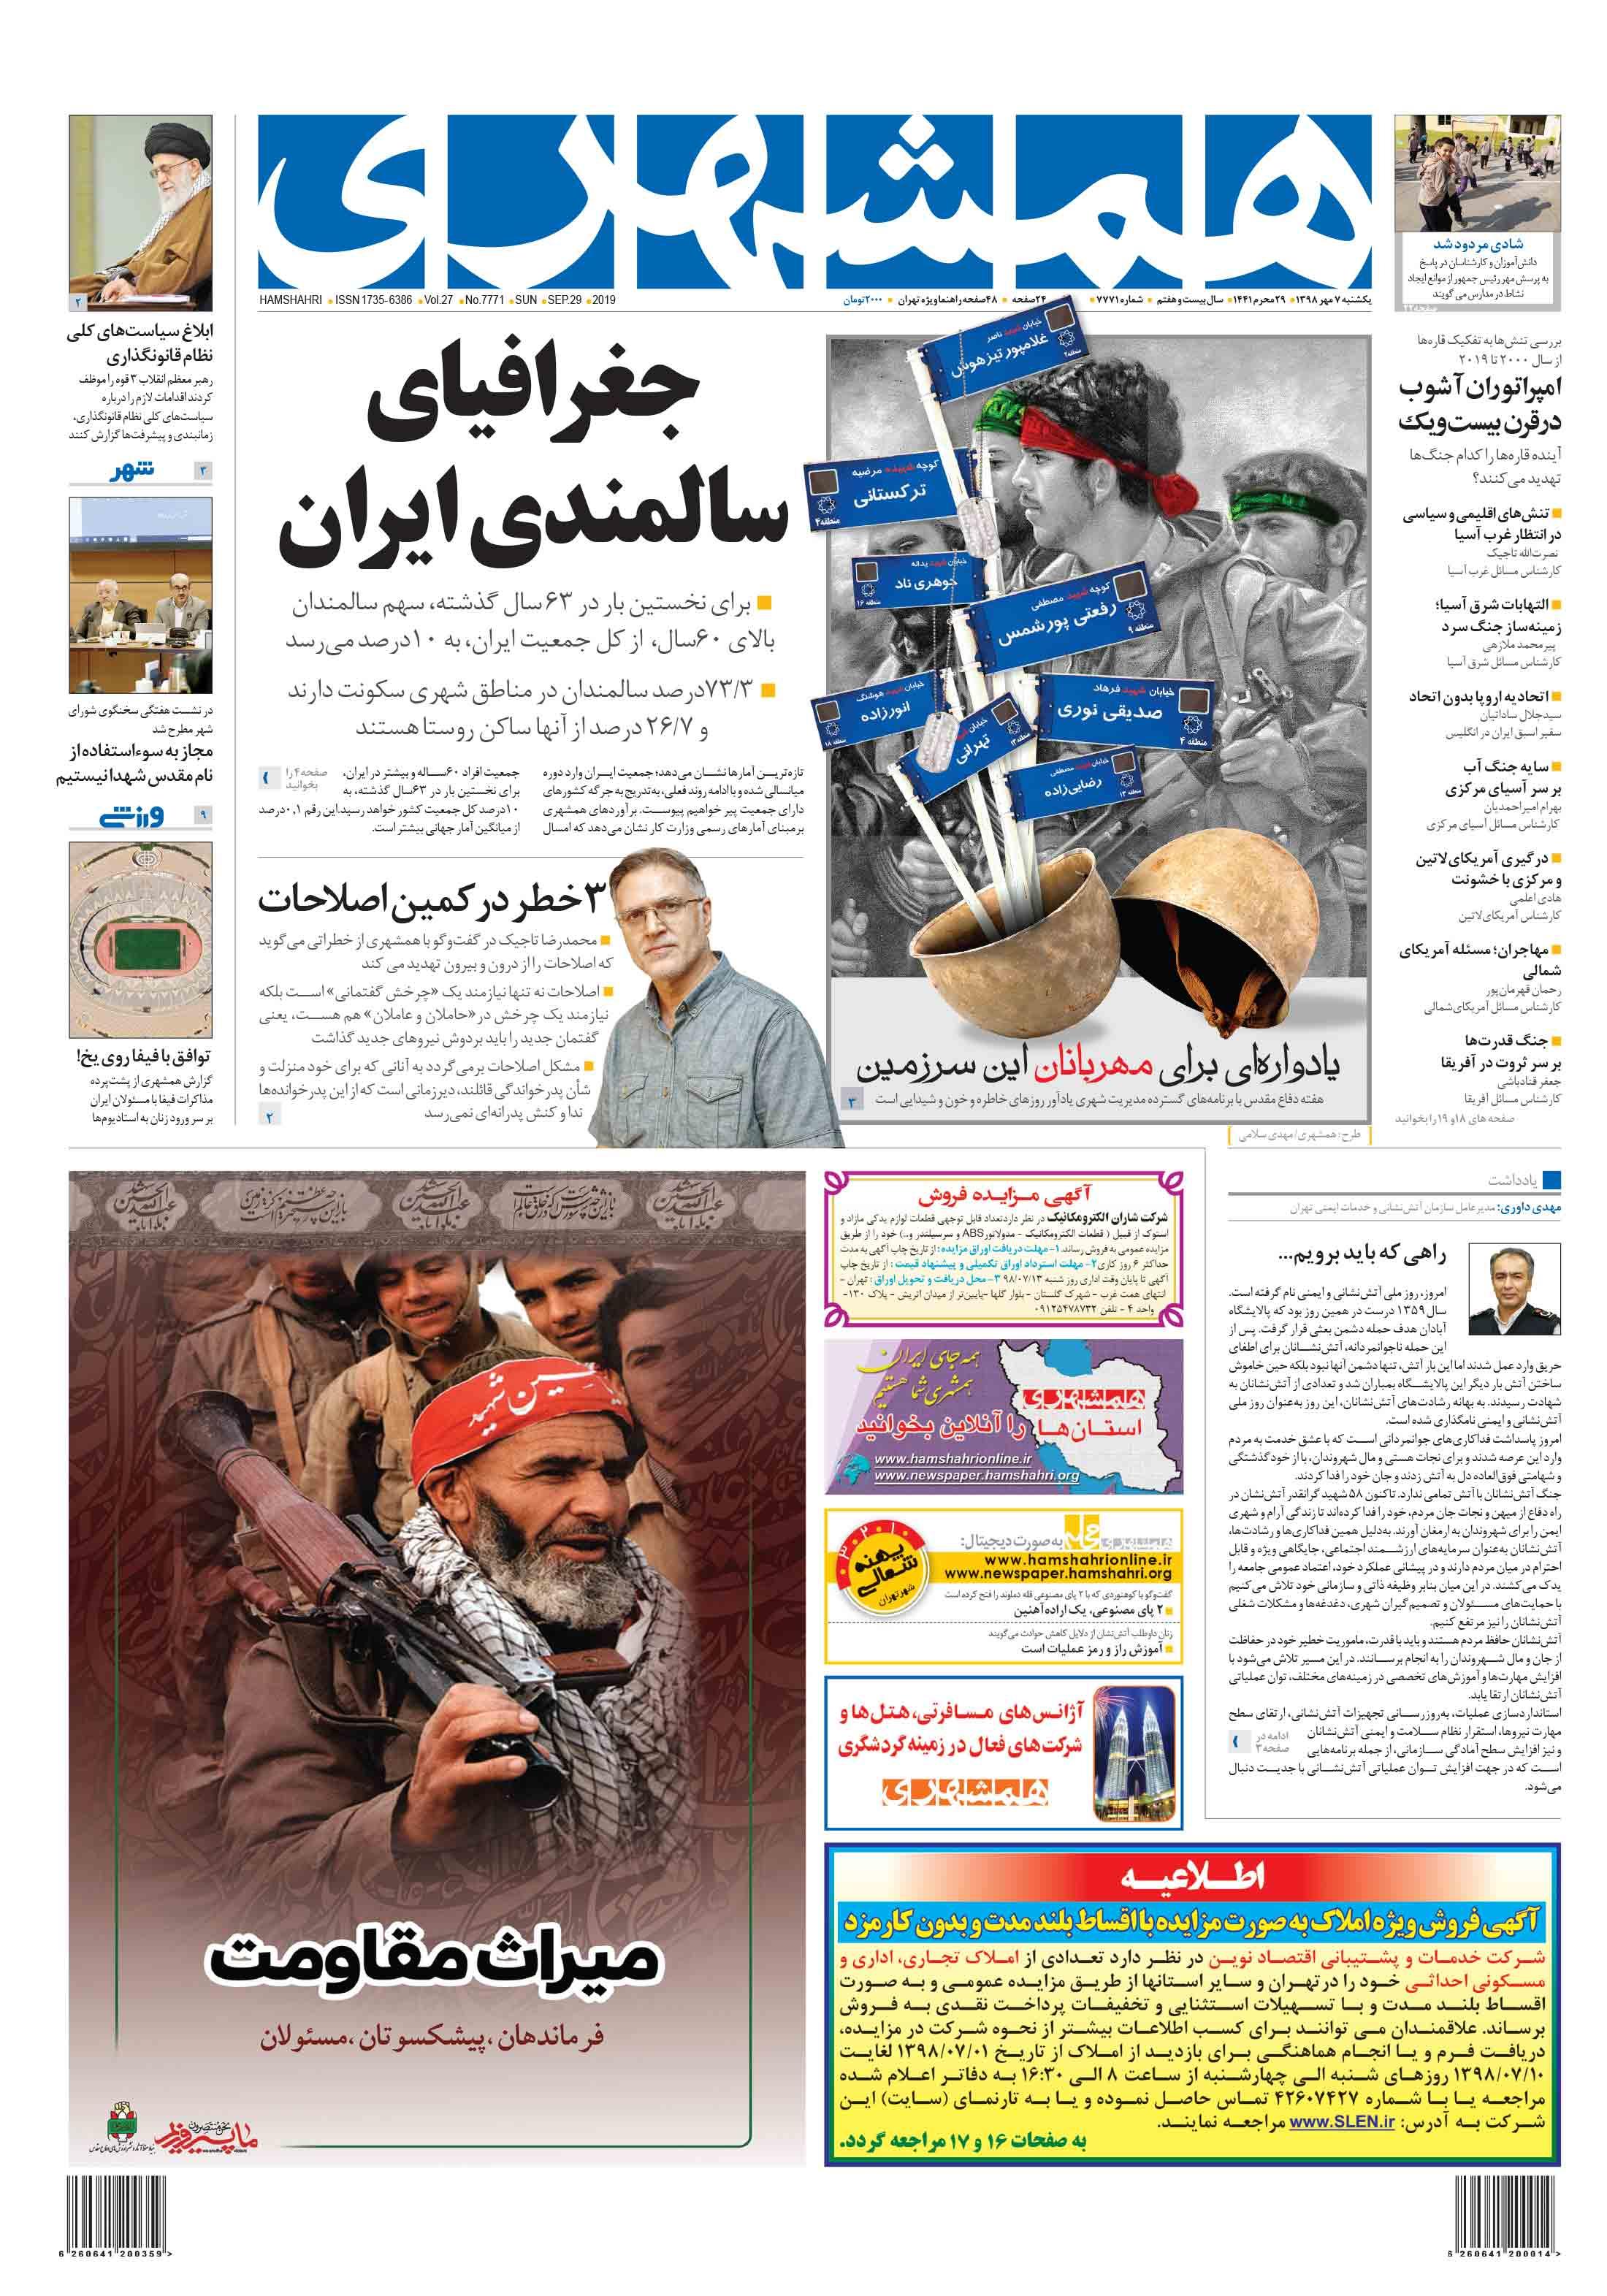 صفحه اول یکشنبه 7 مهر 1398